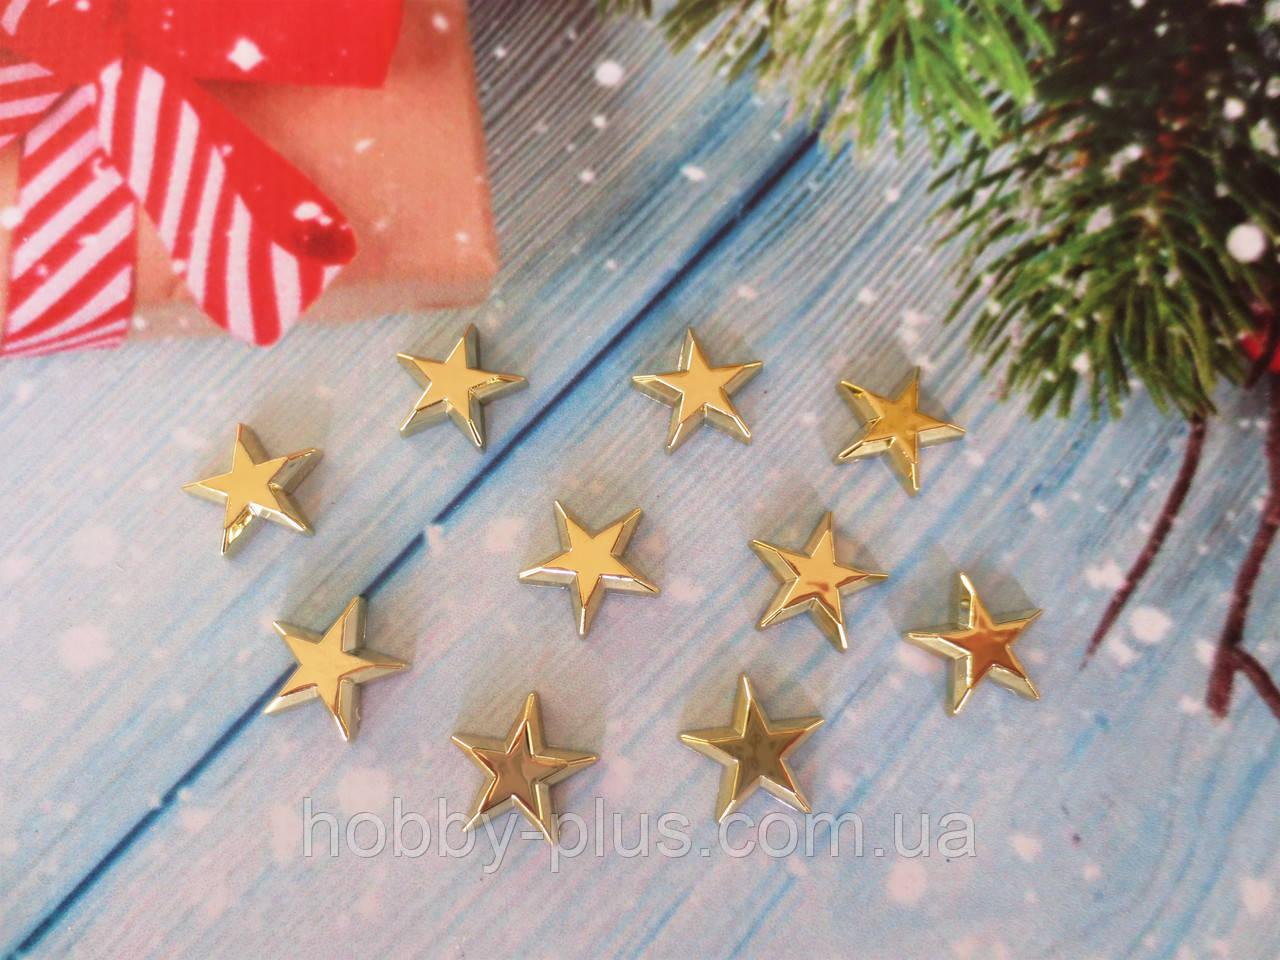 """Новогодний декор, серединка для бантика """"Звездочка"""", цвет золото, 15х14 мм, 8 шт"""